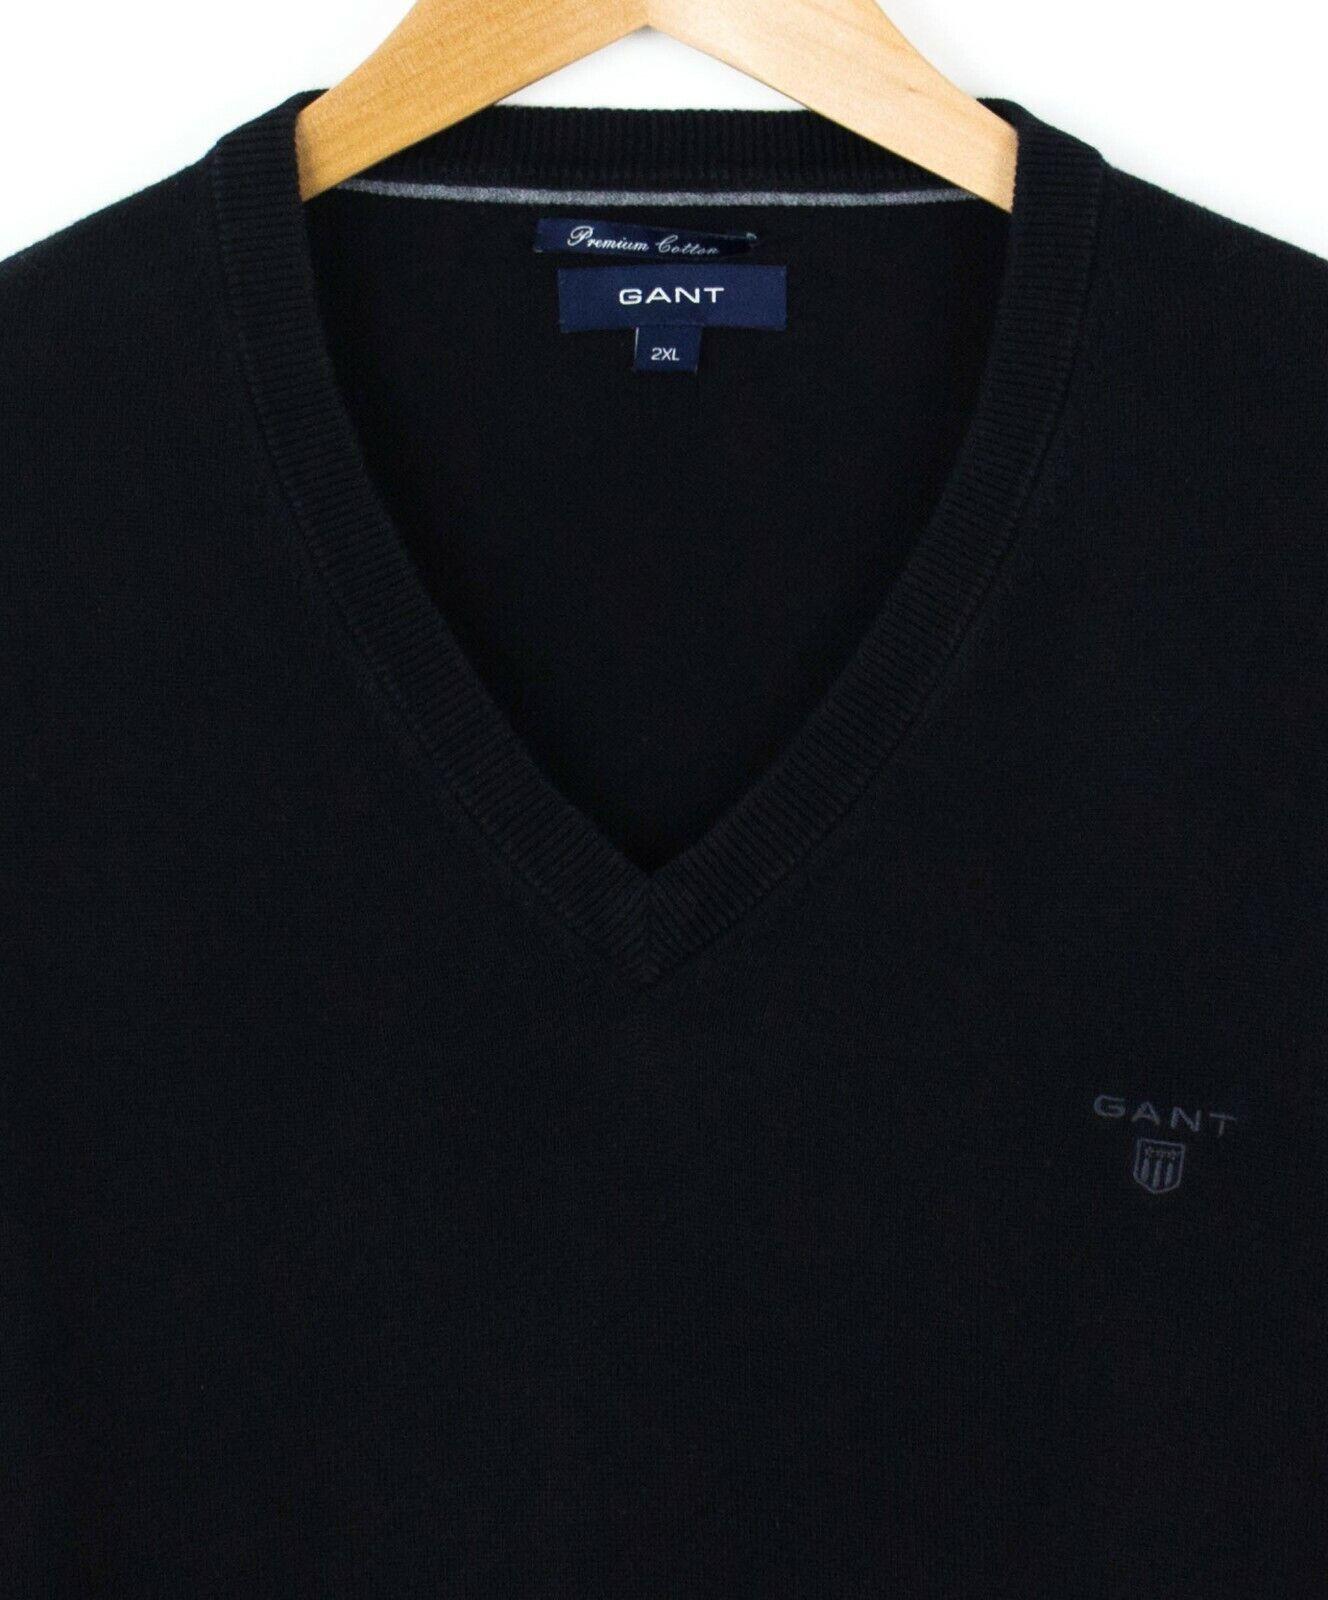 ecccb33258 Gant Uomo Maglione Cotone Premium Maglione Pullover Pullover ...